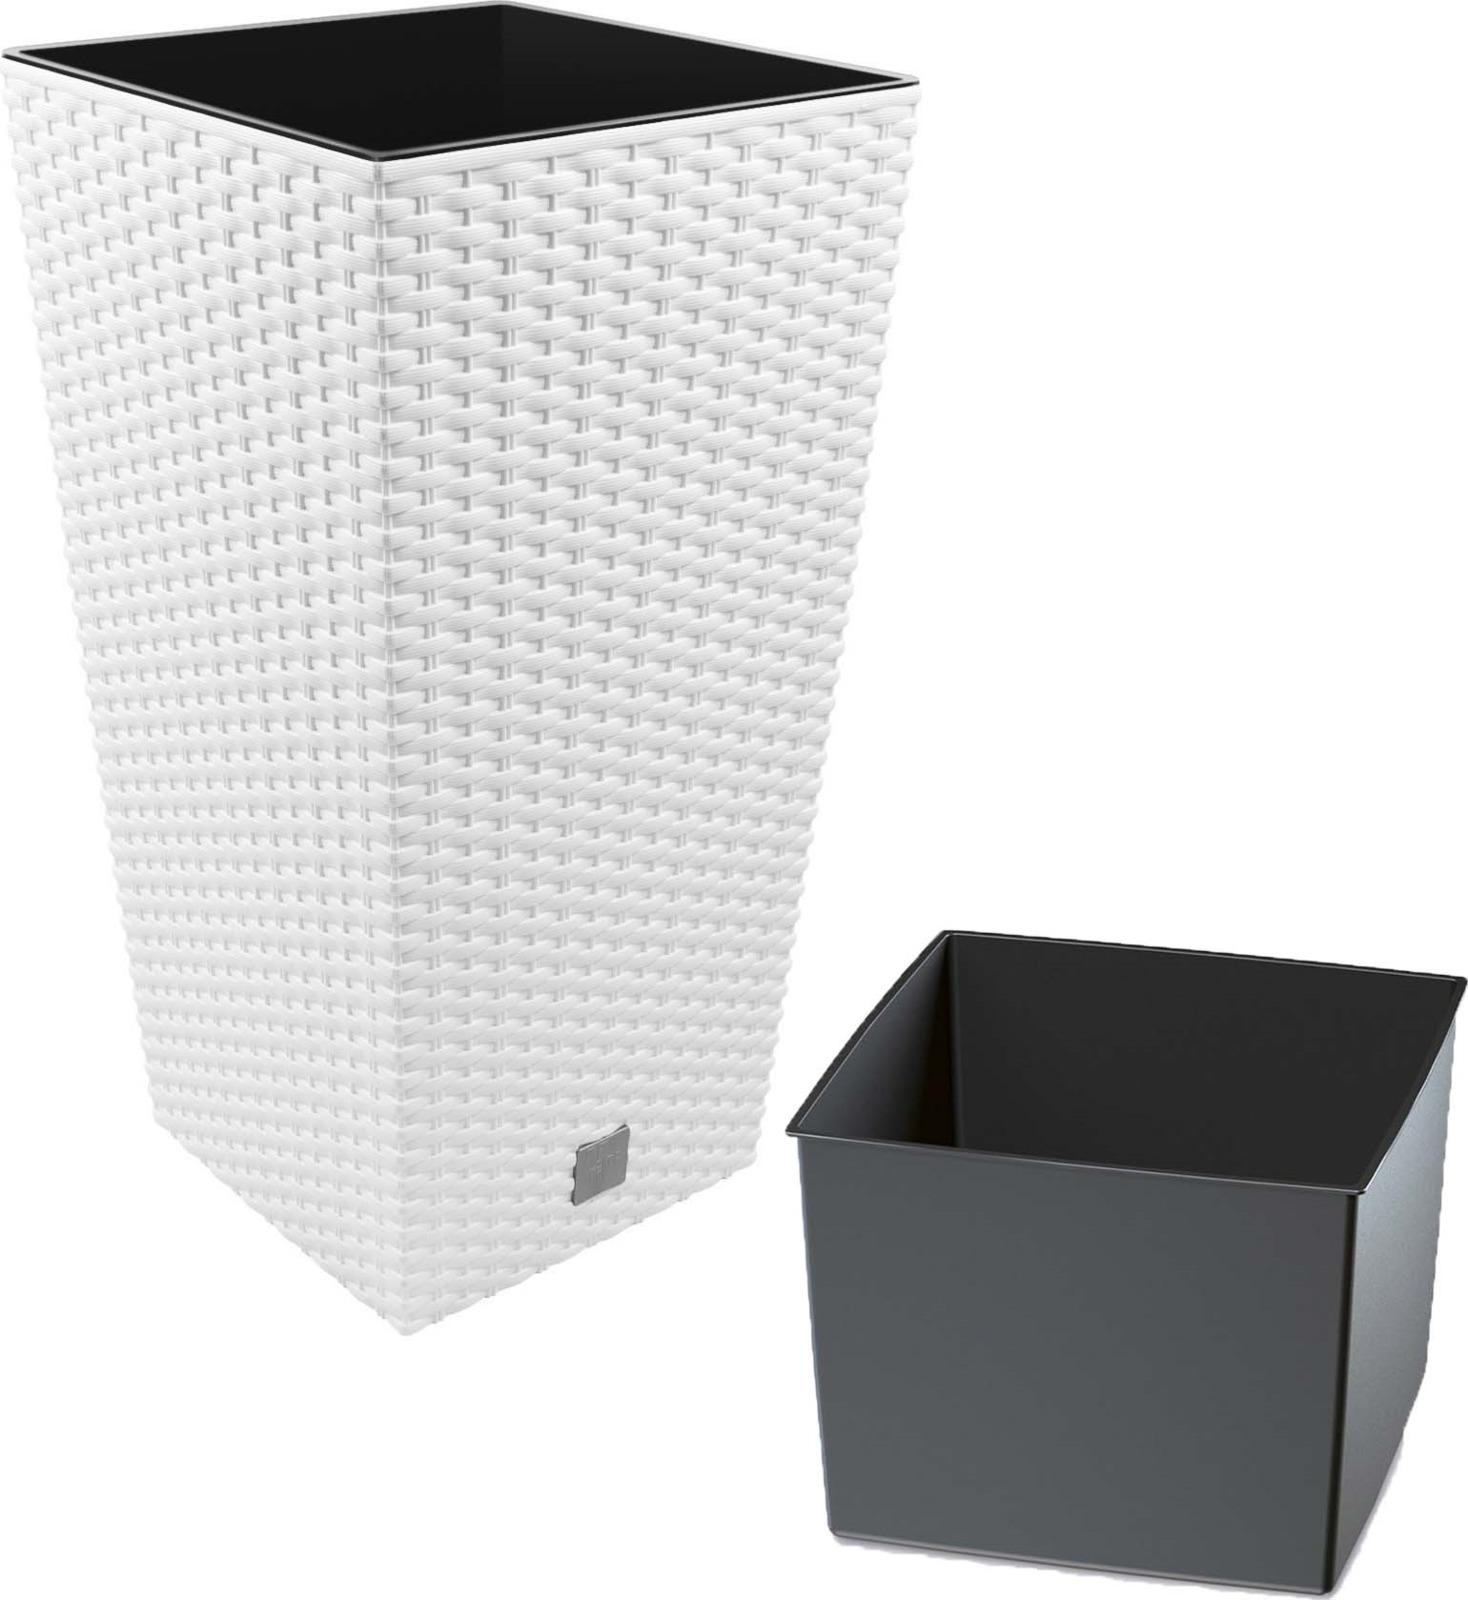 Кашпо Prosperplast Rato Square, DRTS400-S449, белый, 40 х 40 х 75 см